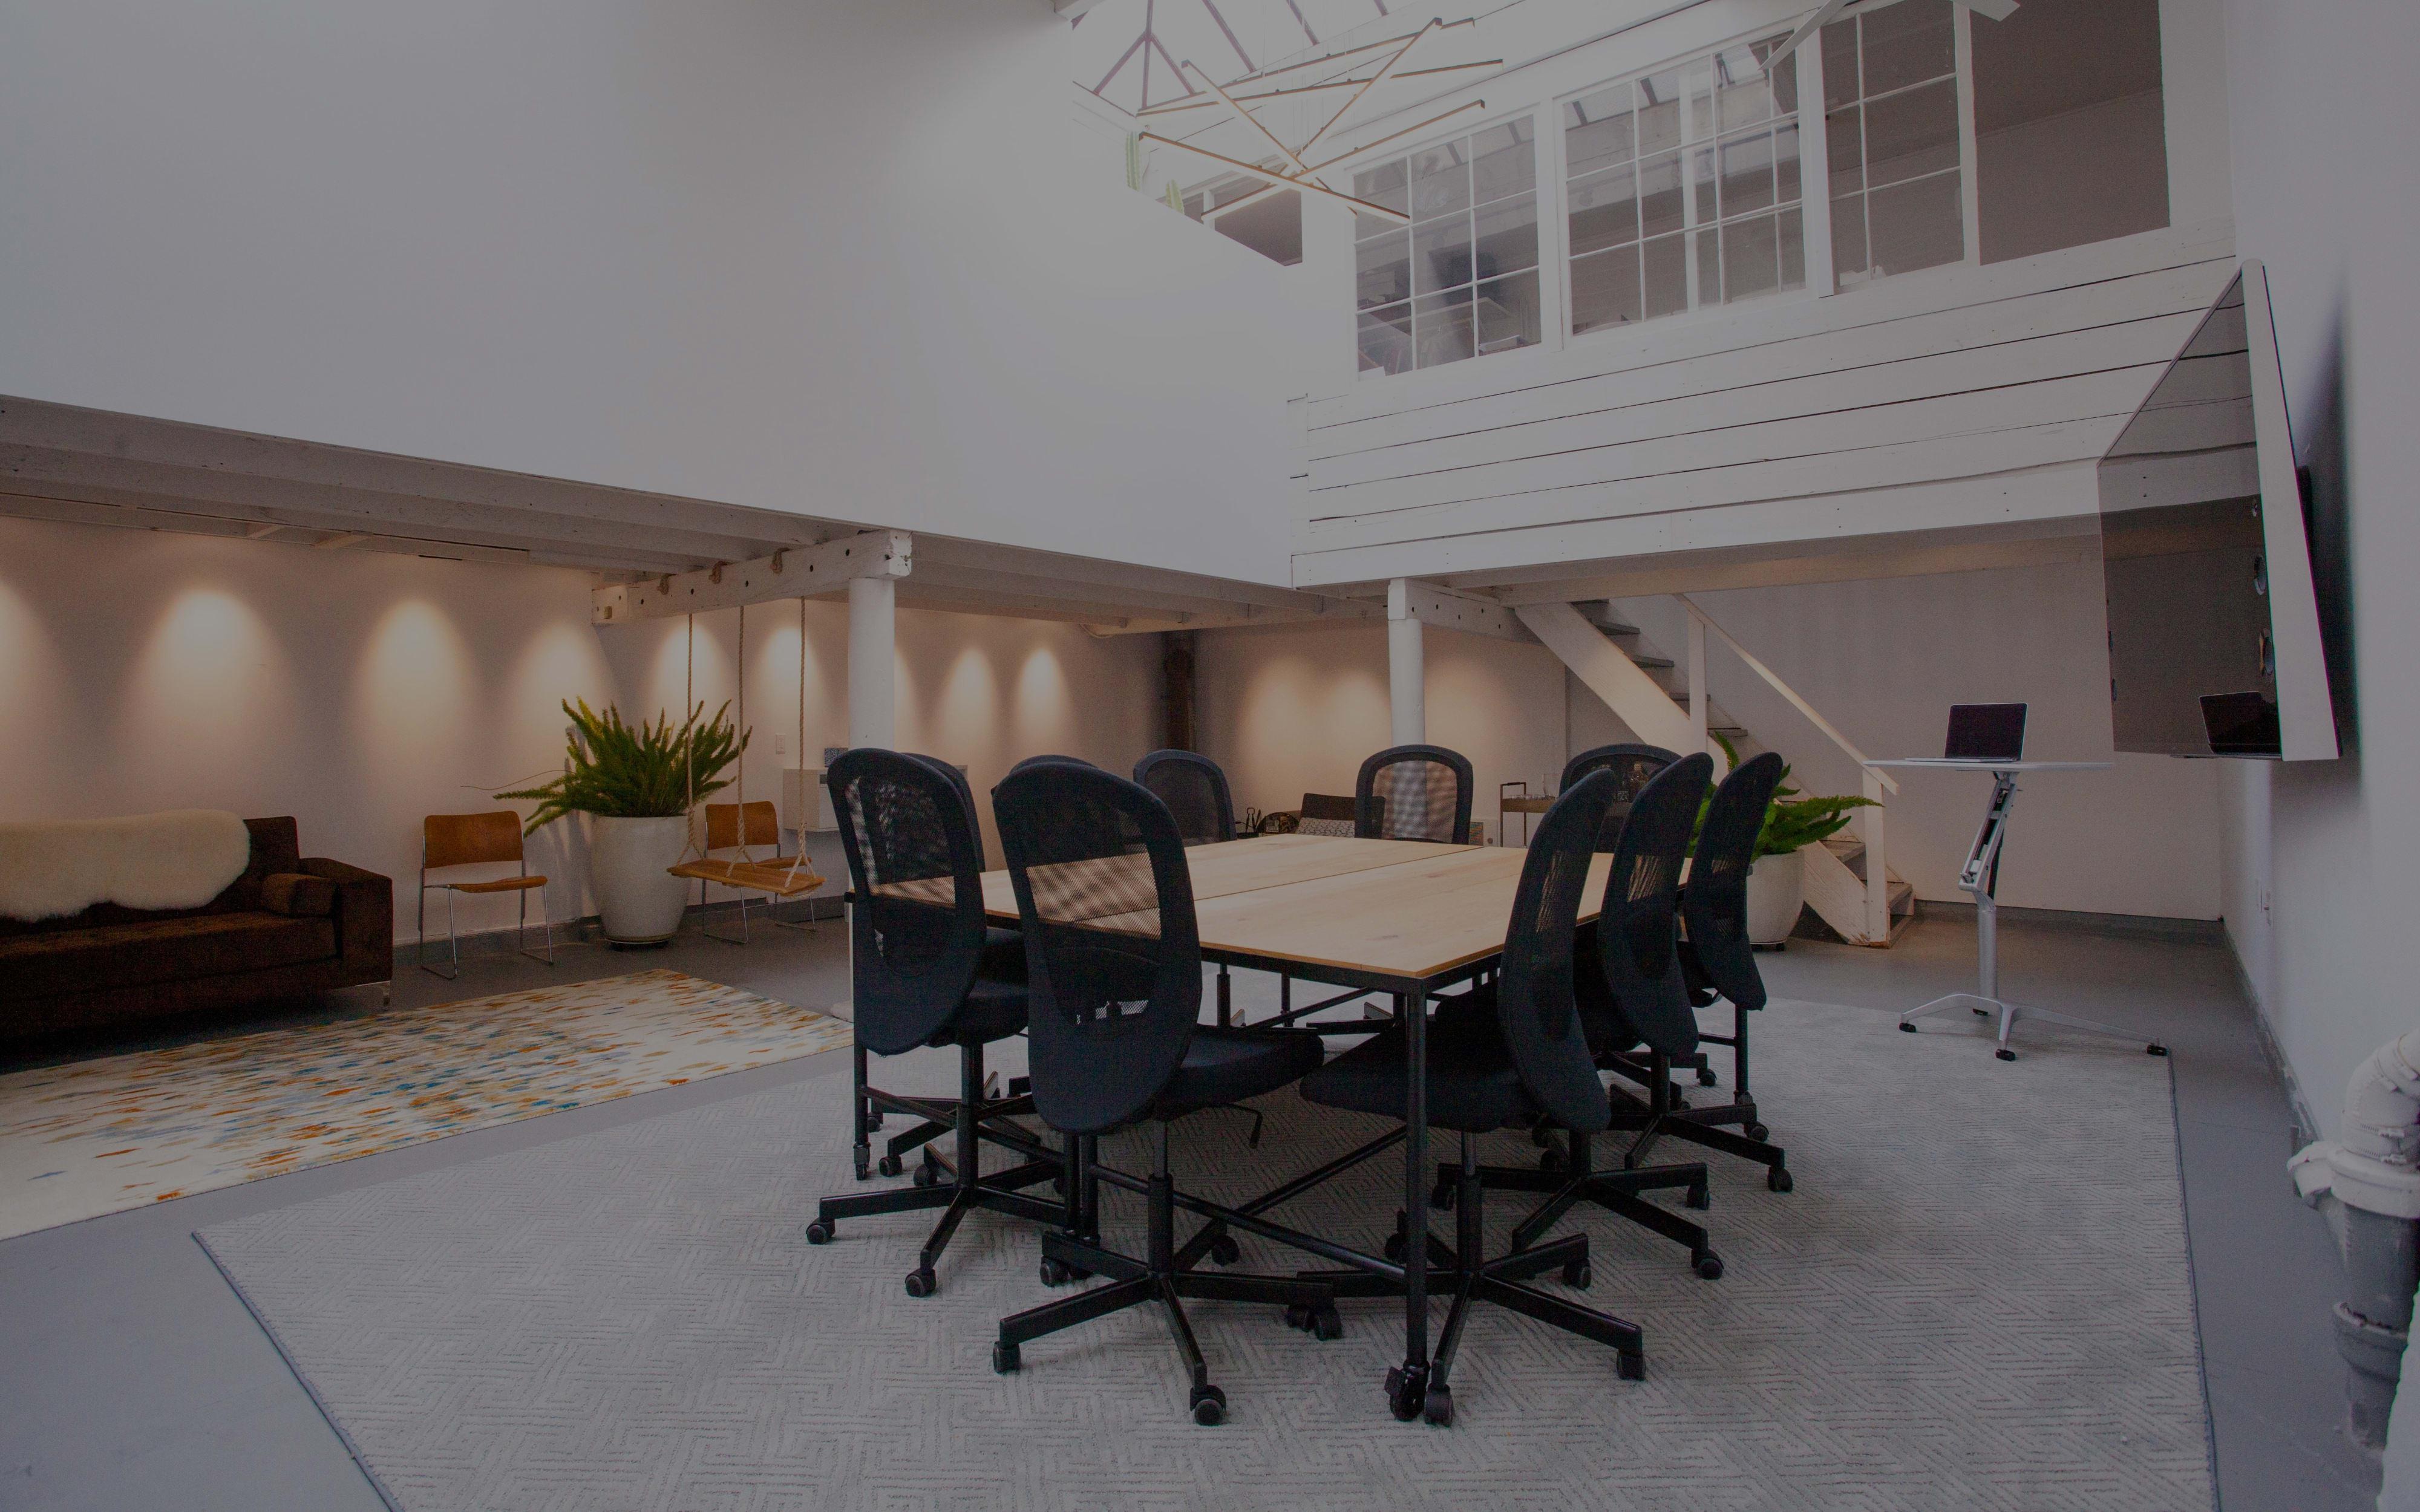 unique meeting rooms for rent berkeley ca